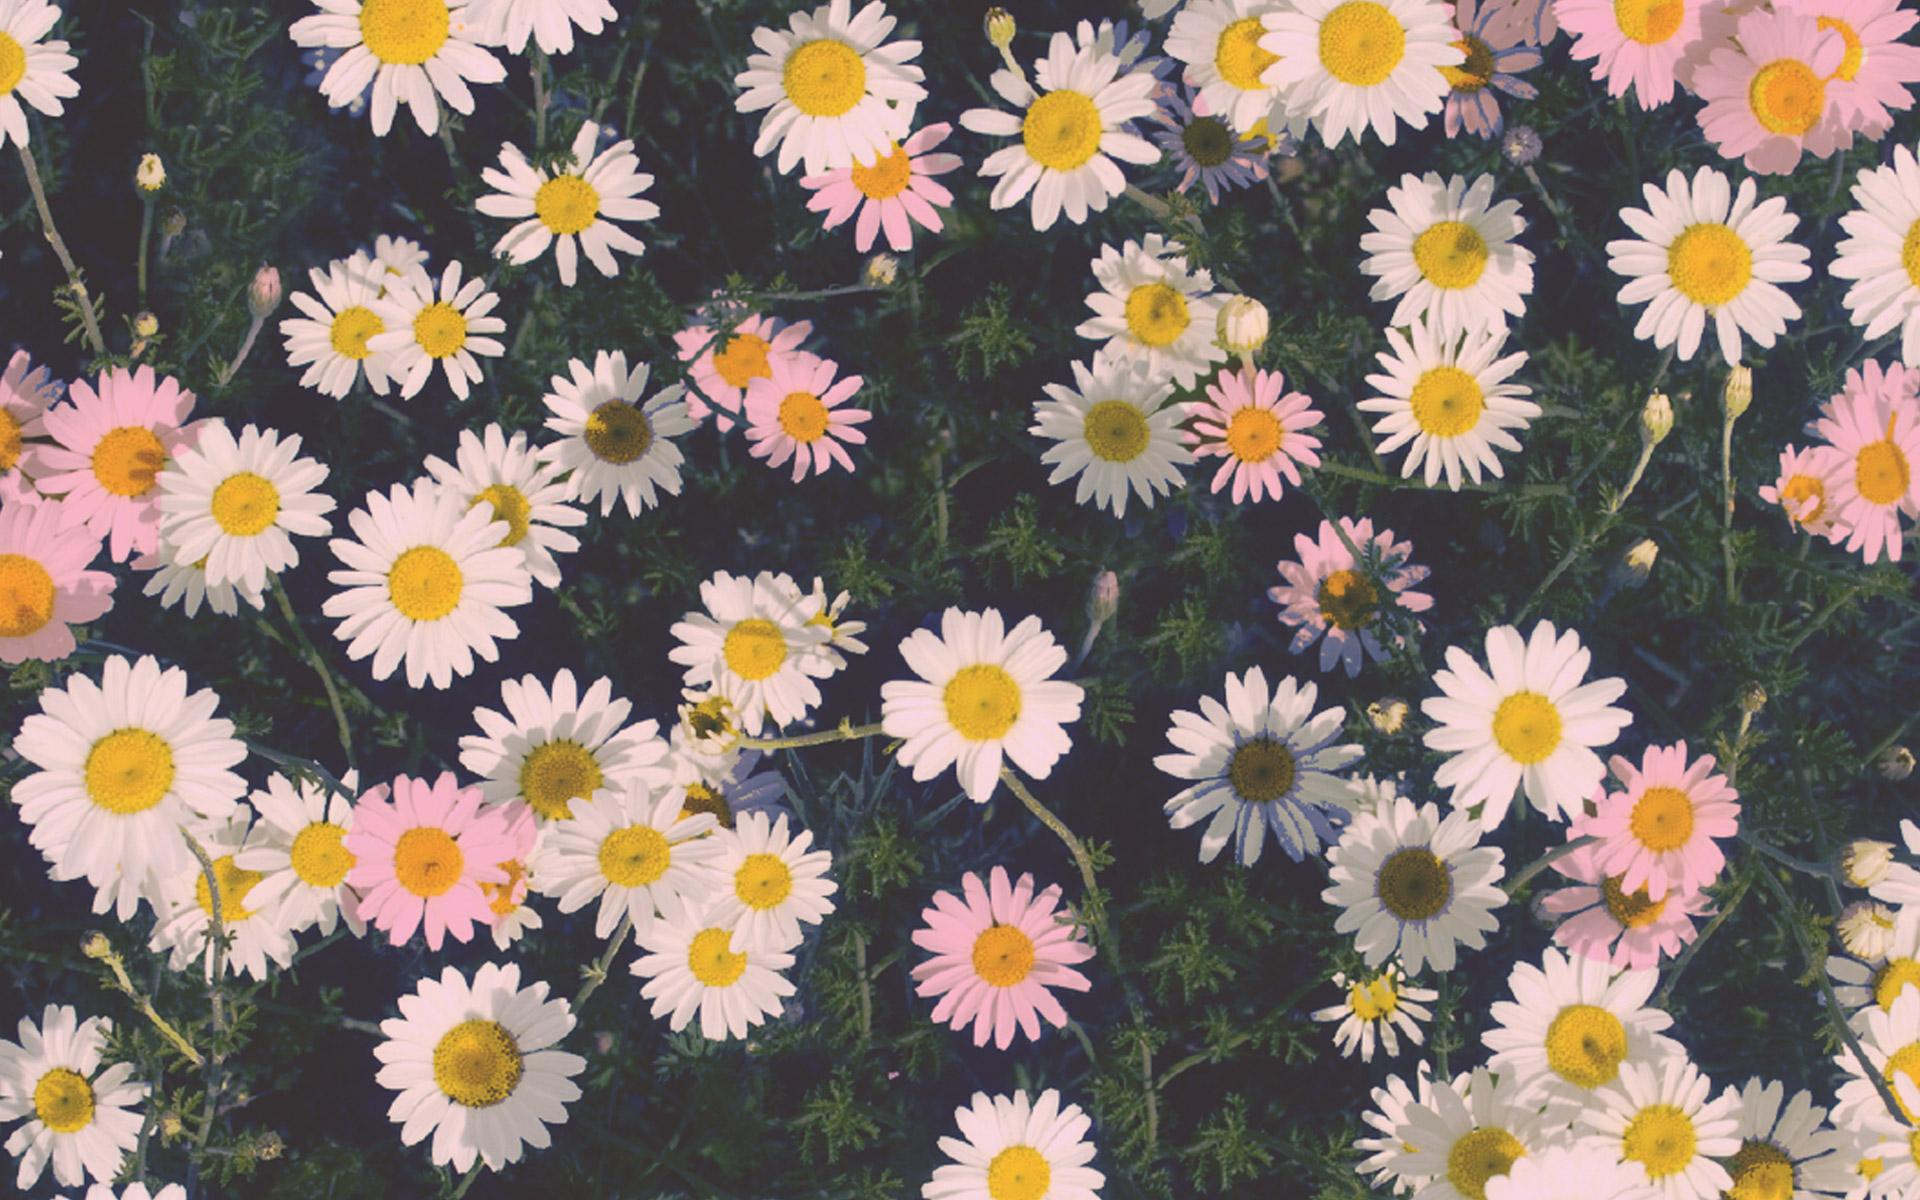 Summer Wallpaper Downloads 1920x1200